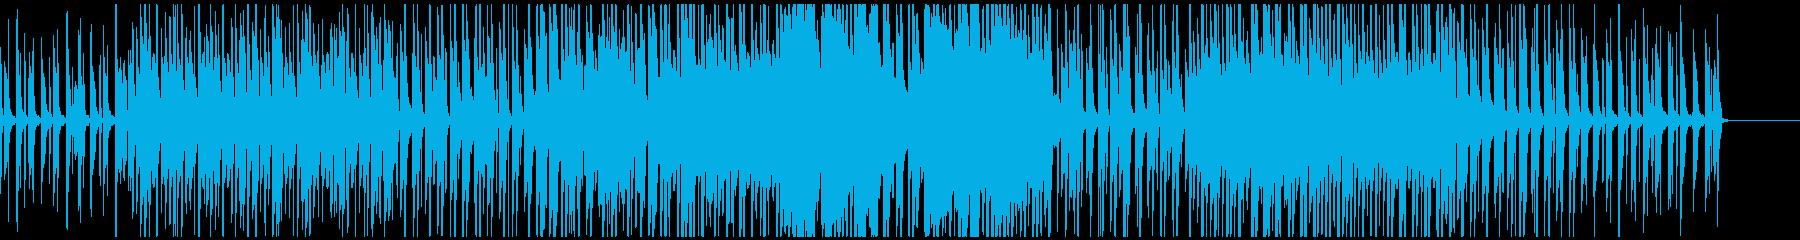 作業映像等に、ループするピアノエレクトロの再生済みの波形